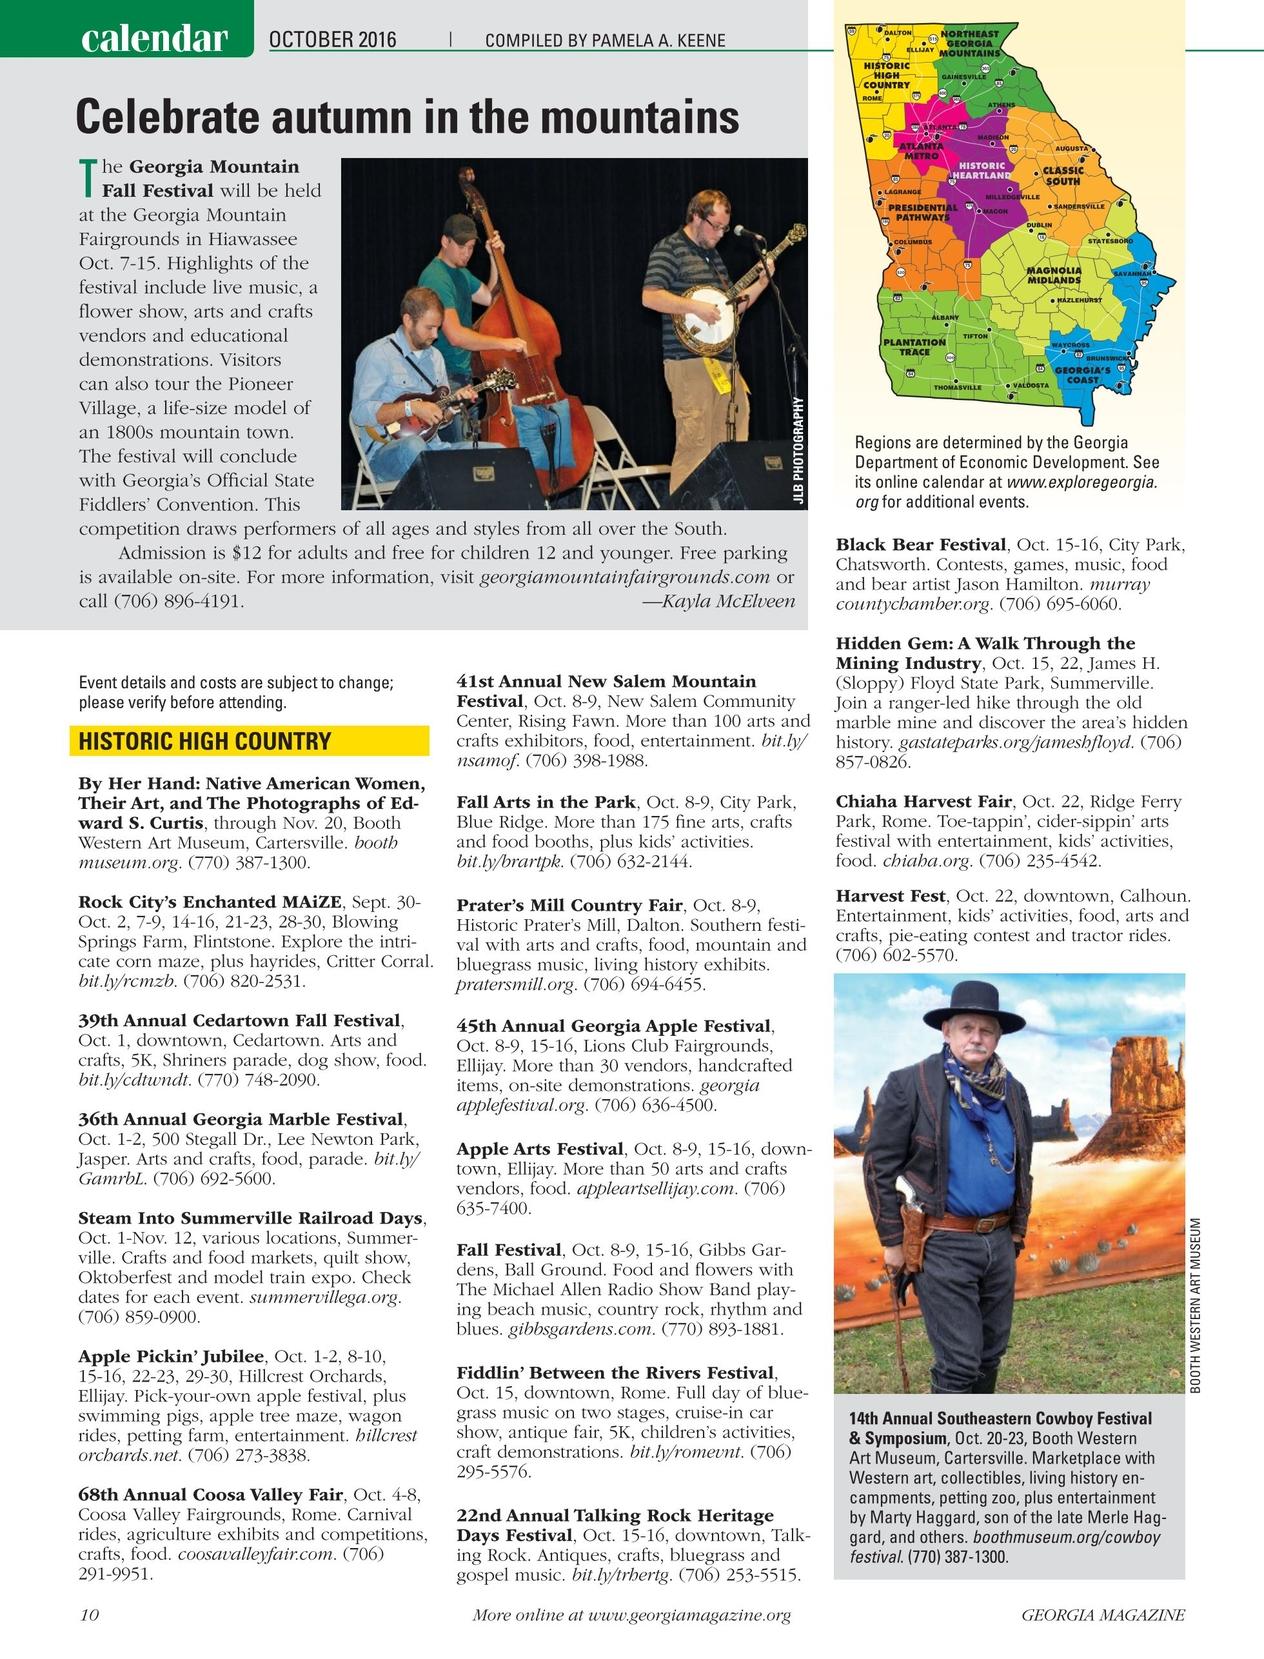 Georgia Magazine - October 2016